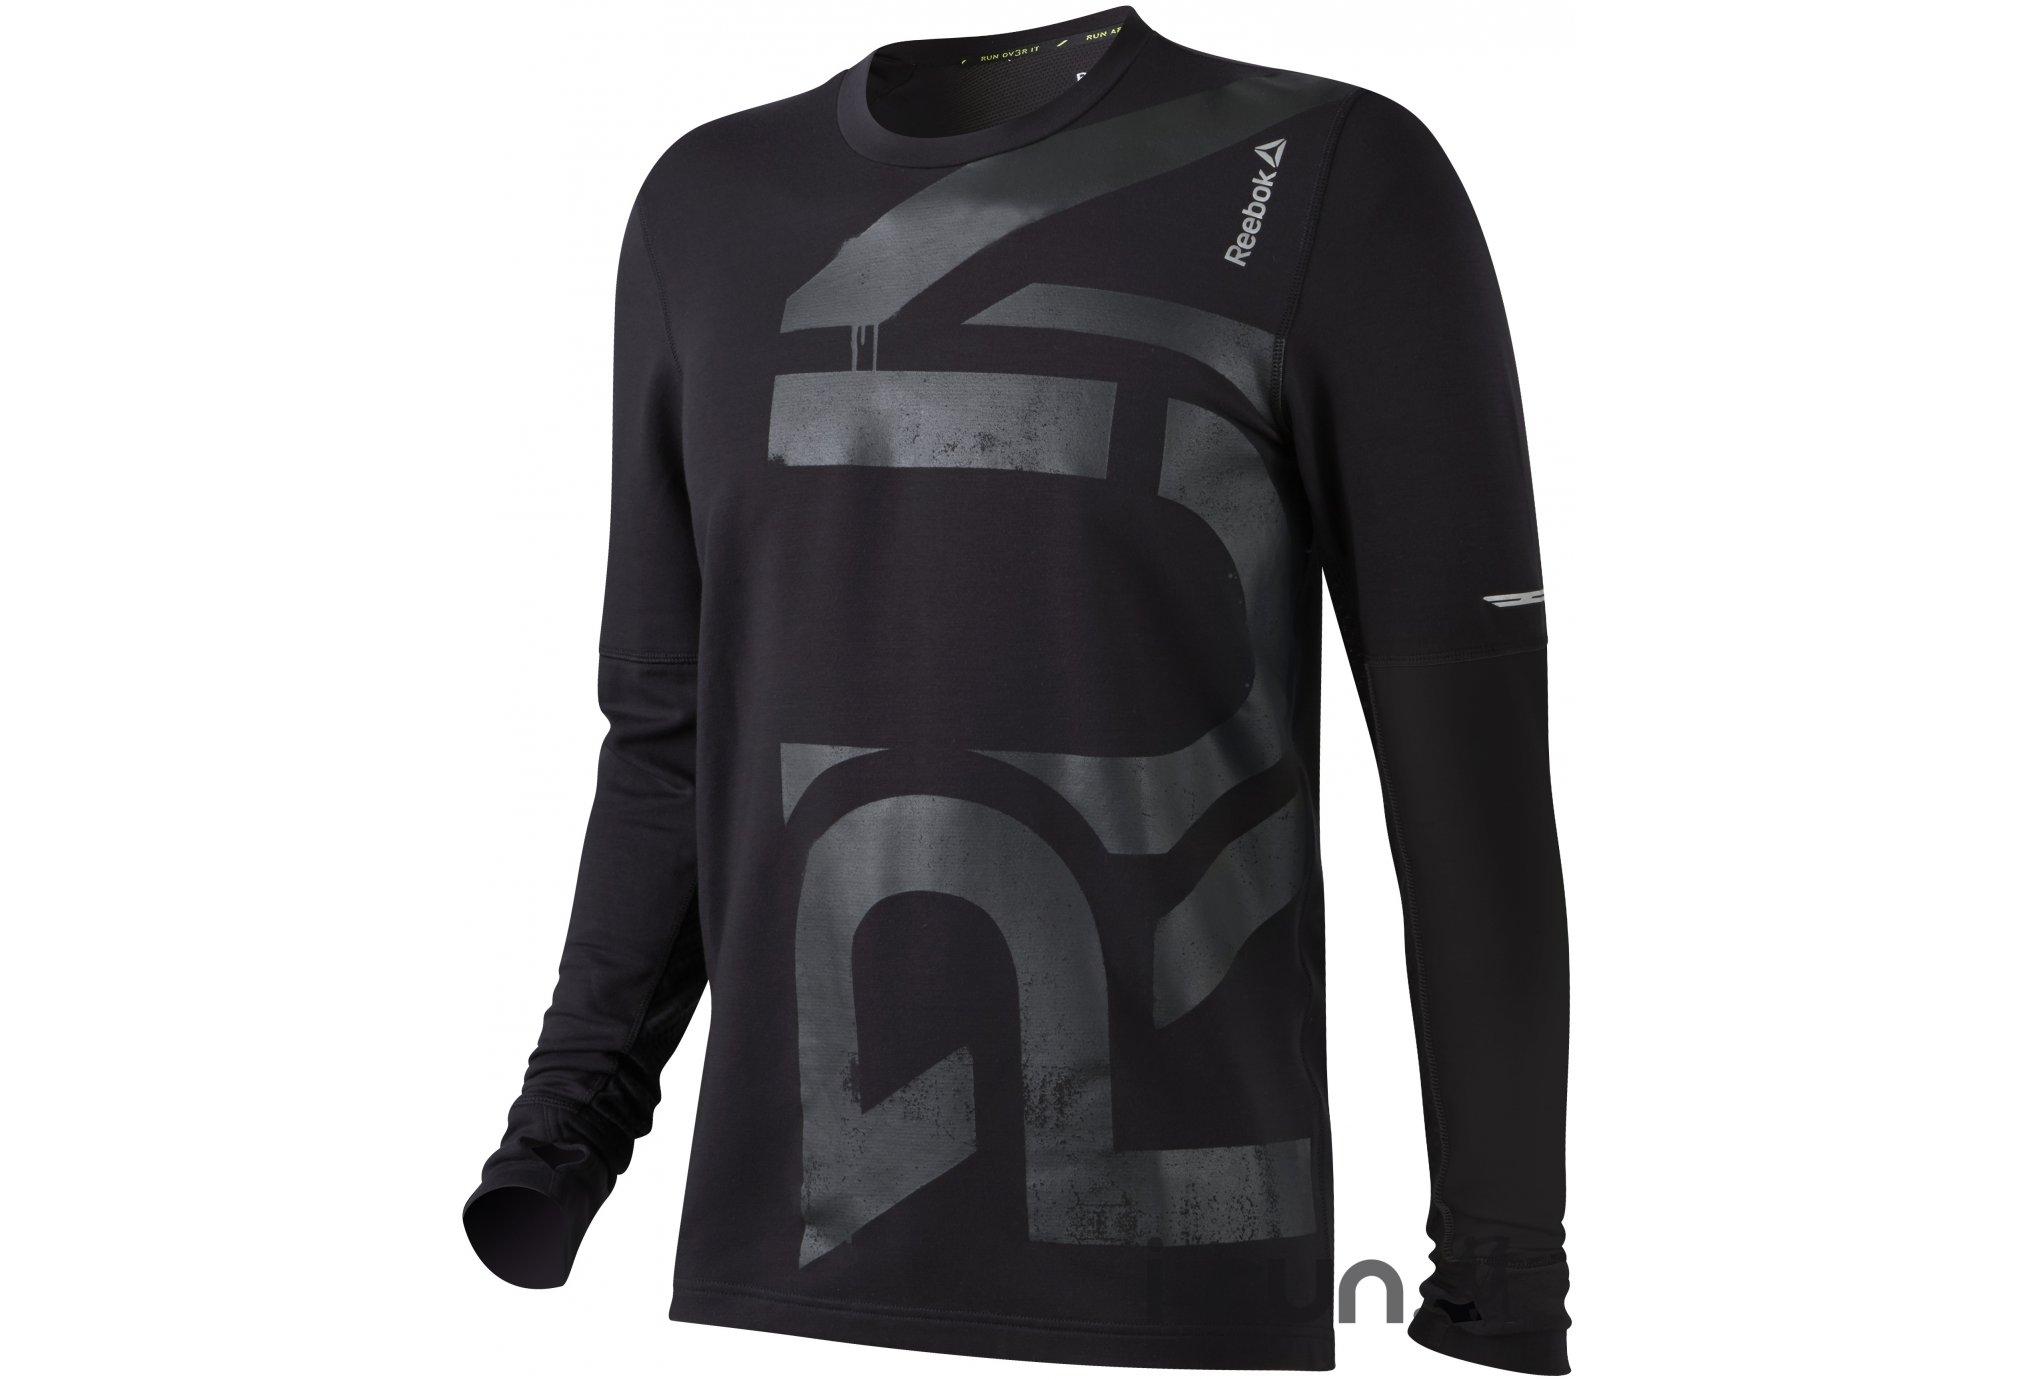 Reebok Tee-Shirt One Series M vêtement running homme